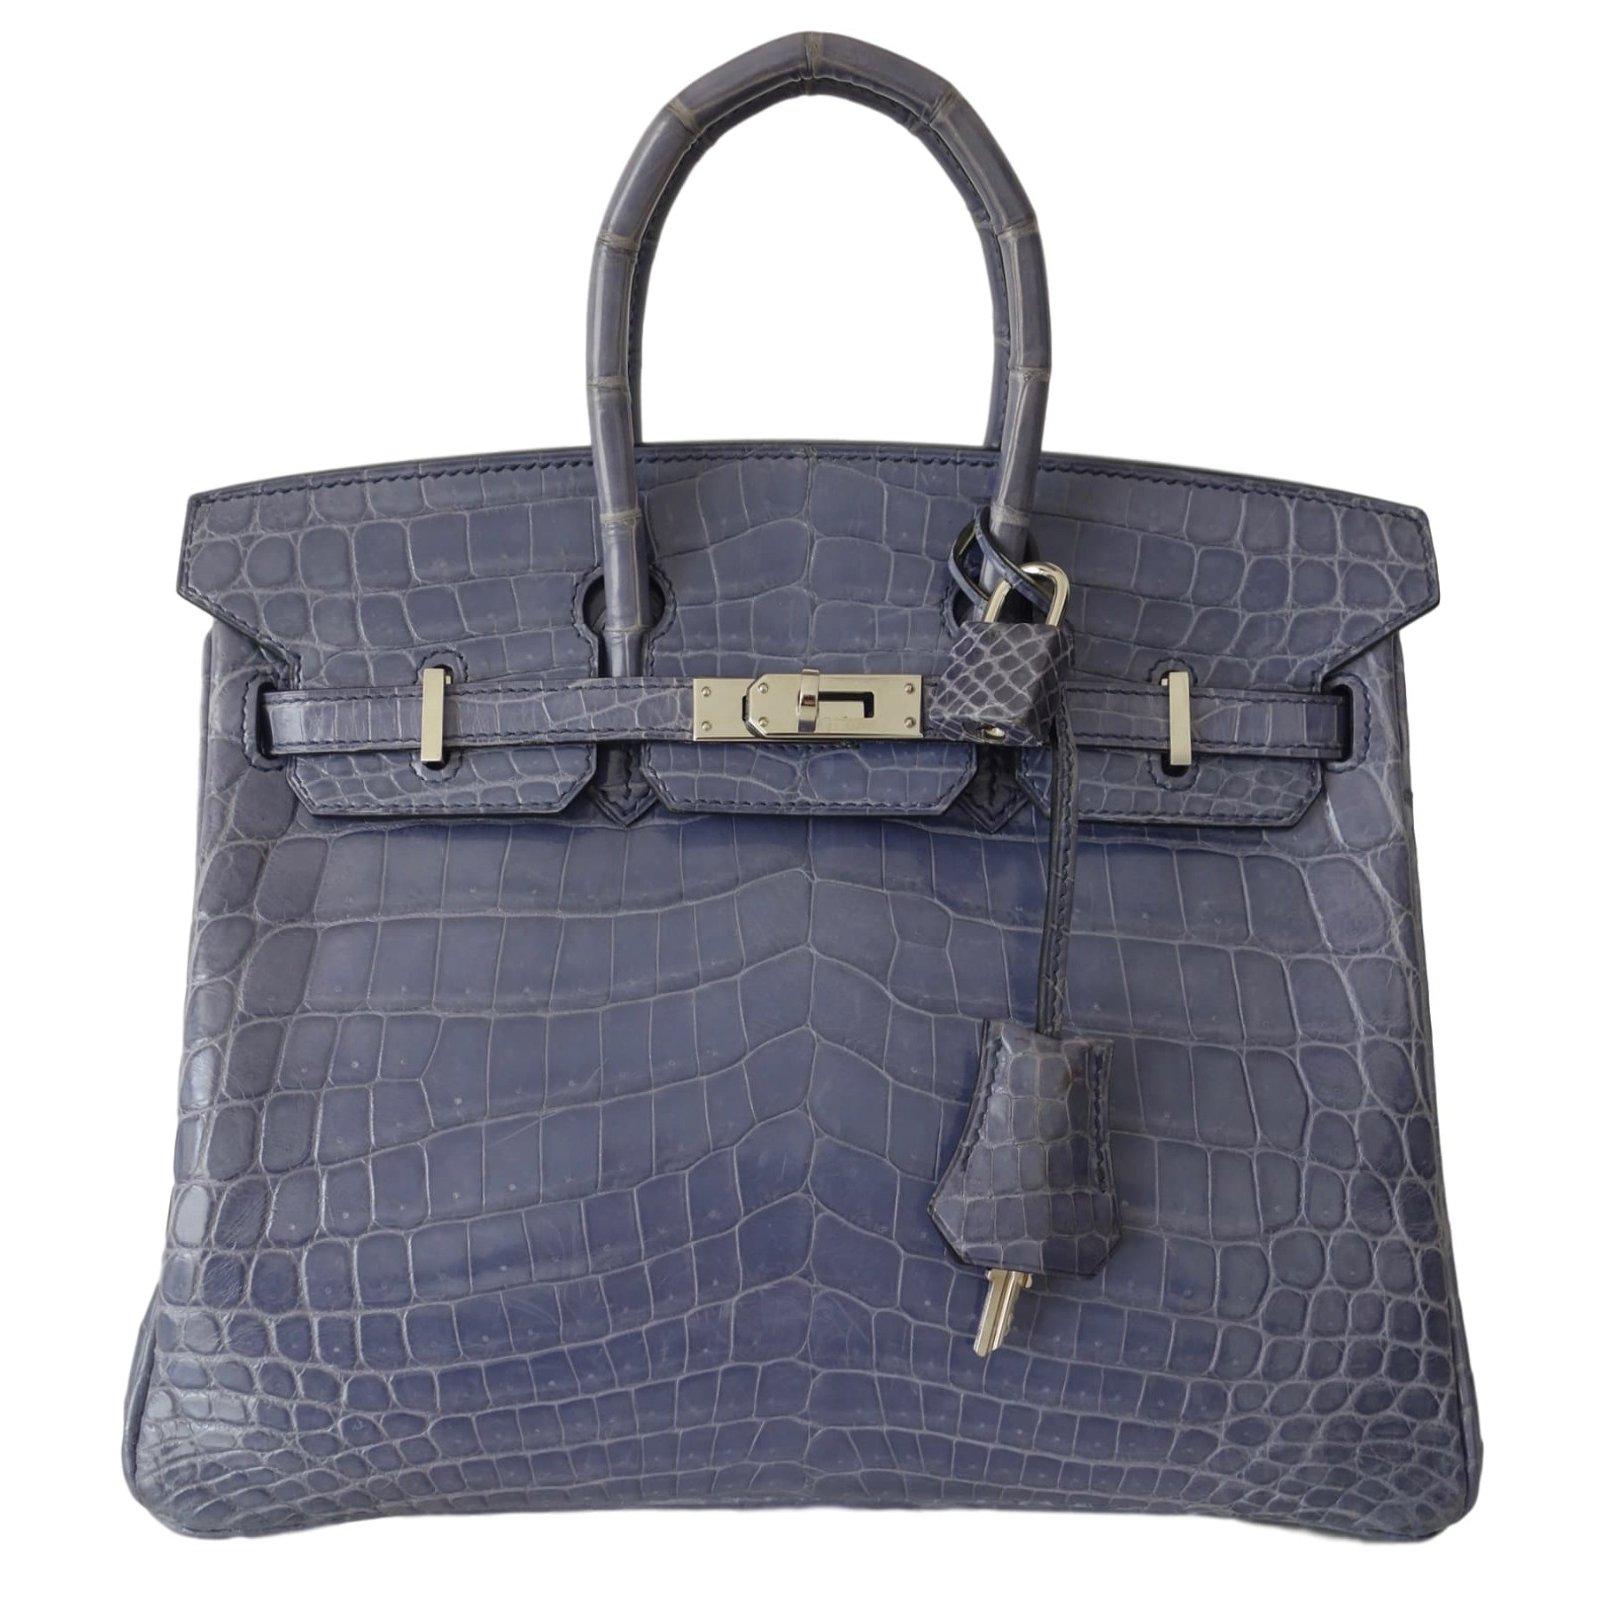 35255f7b073 Hermès birkin handbags exotic leather blue purple ref jpg 1600x1600 Hermes  birkin 25